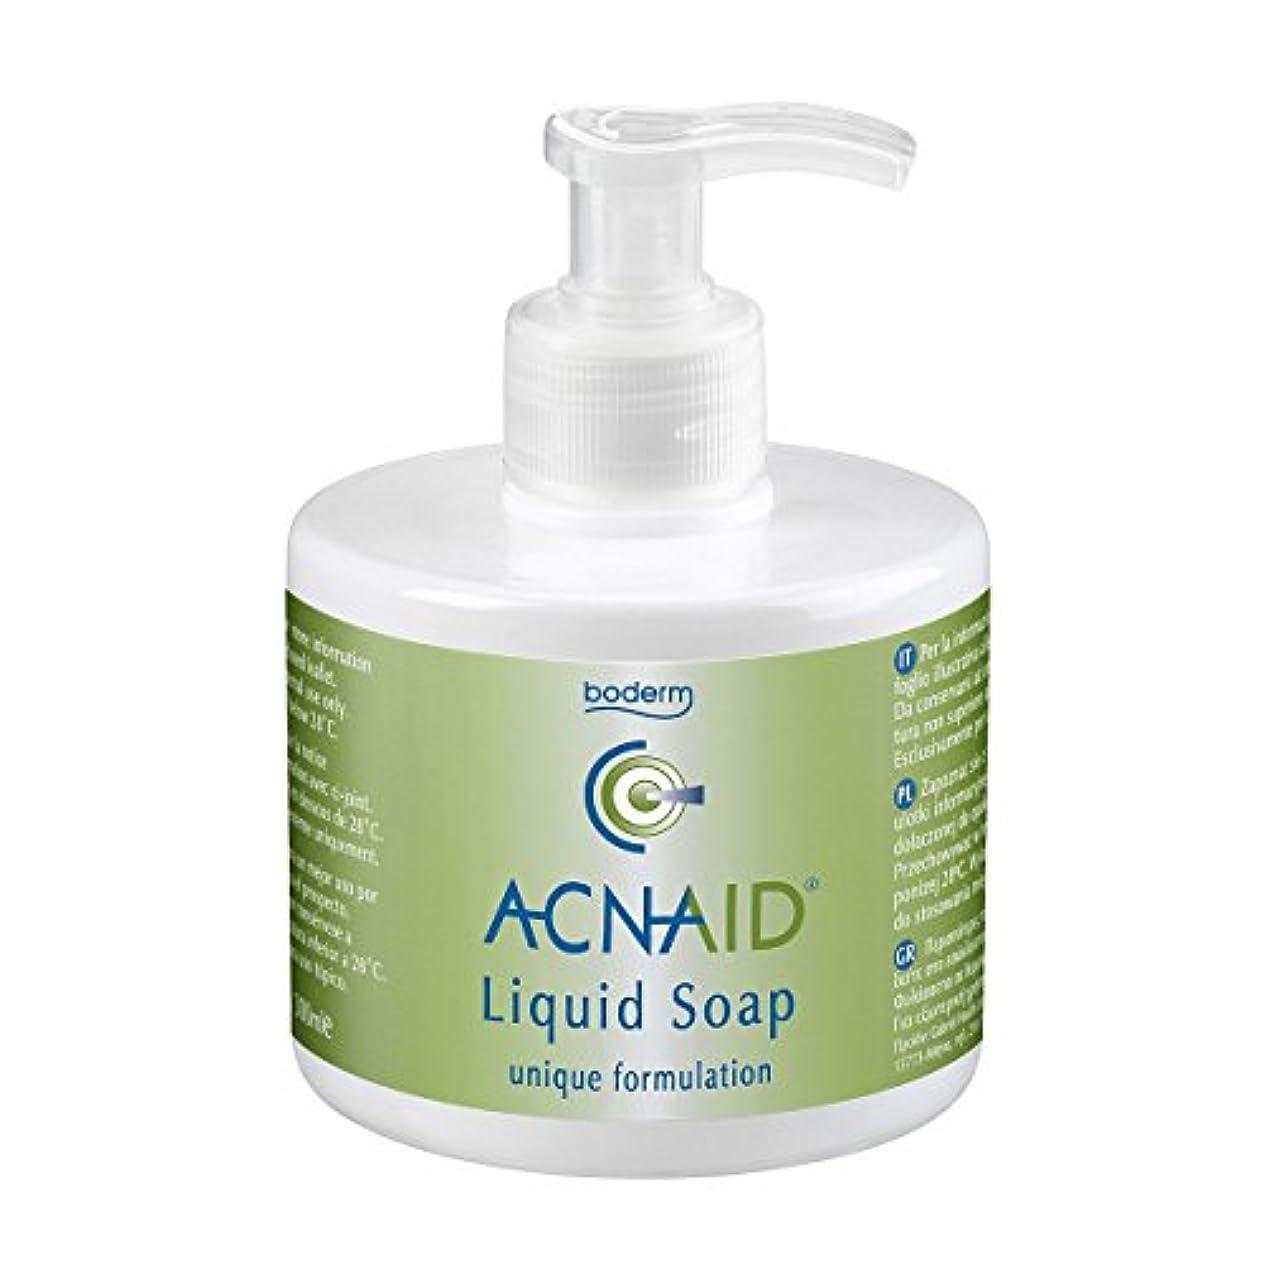 輝く赤ちゃん評論家Acnaid Liquid Soap 300ml [並行輸入品]